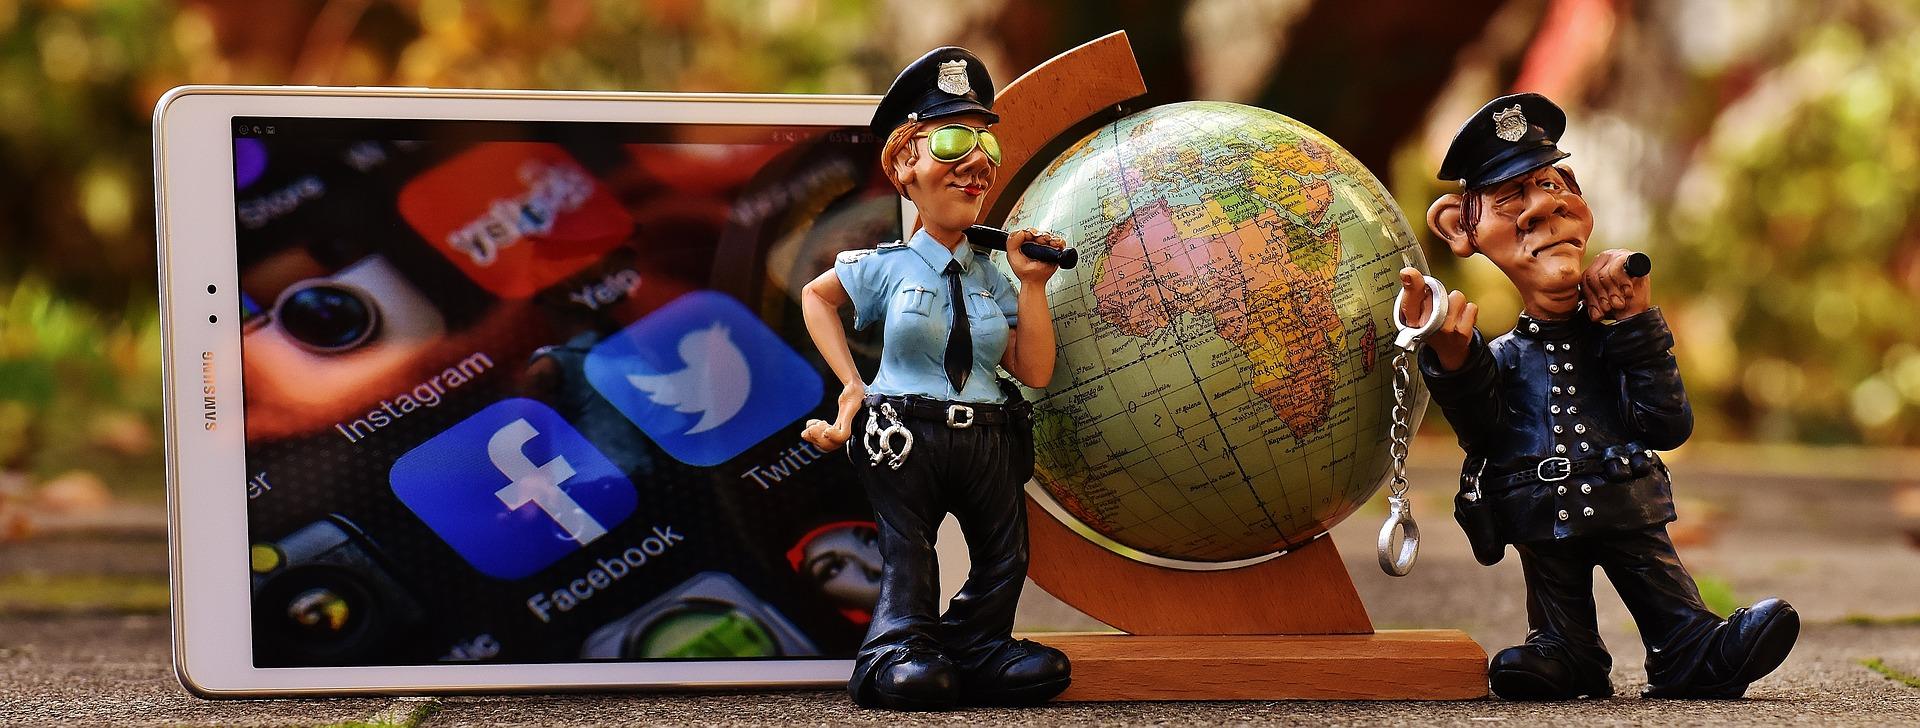 Die Polizei in den sozialen Medien